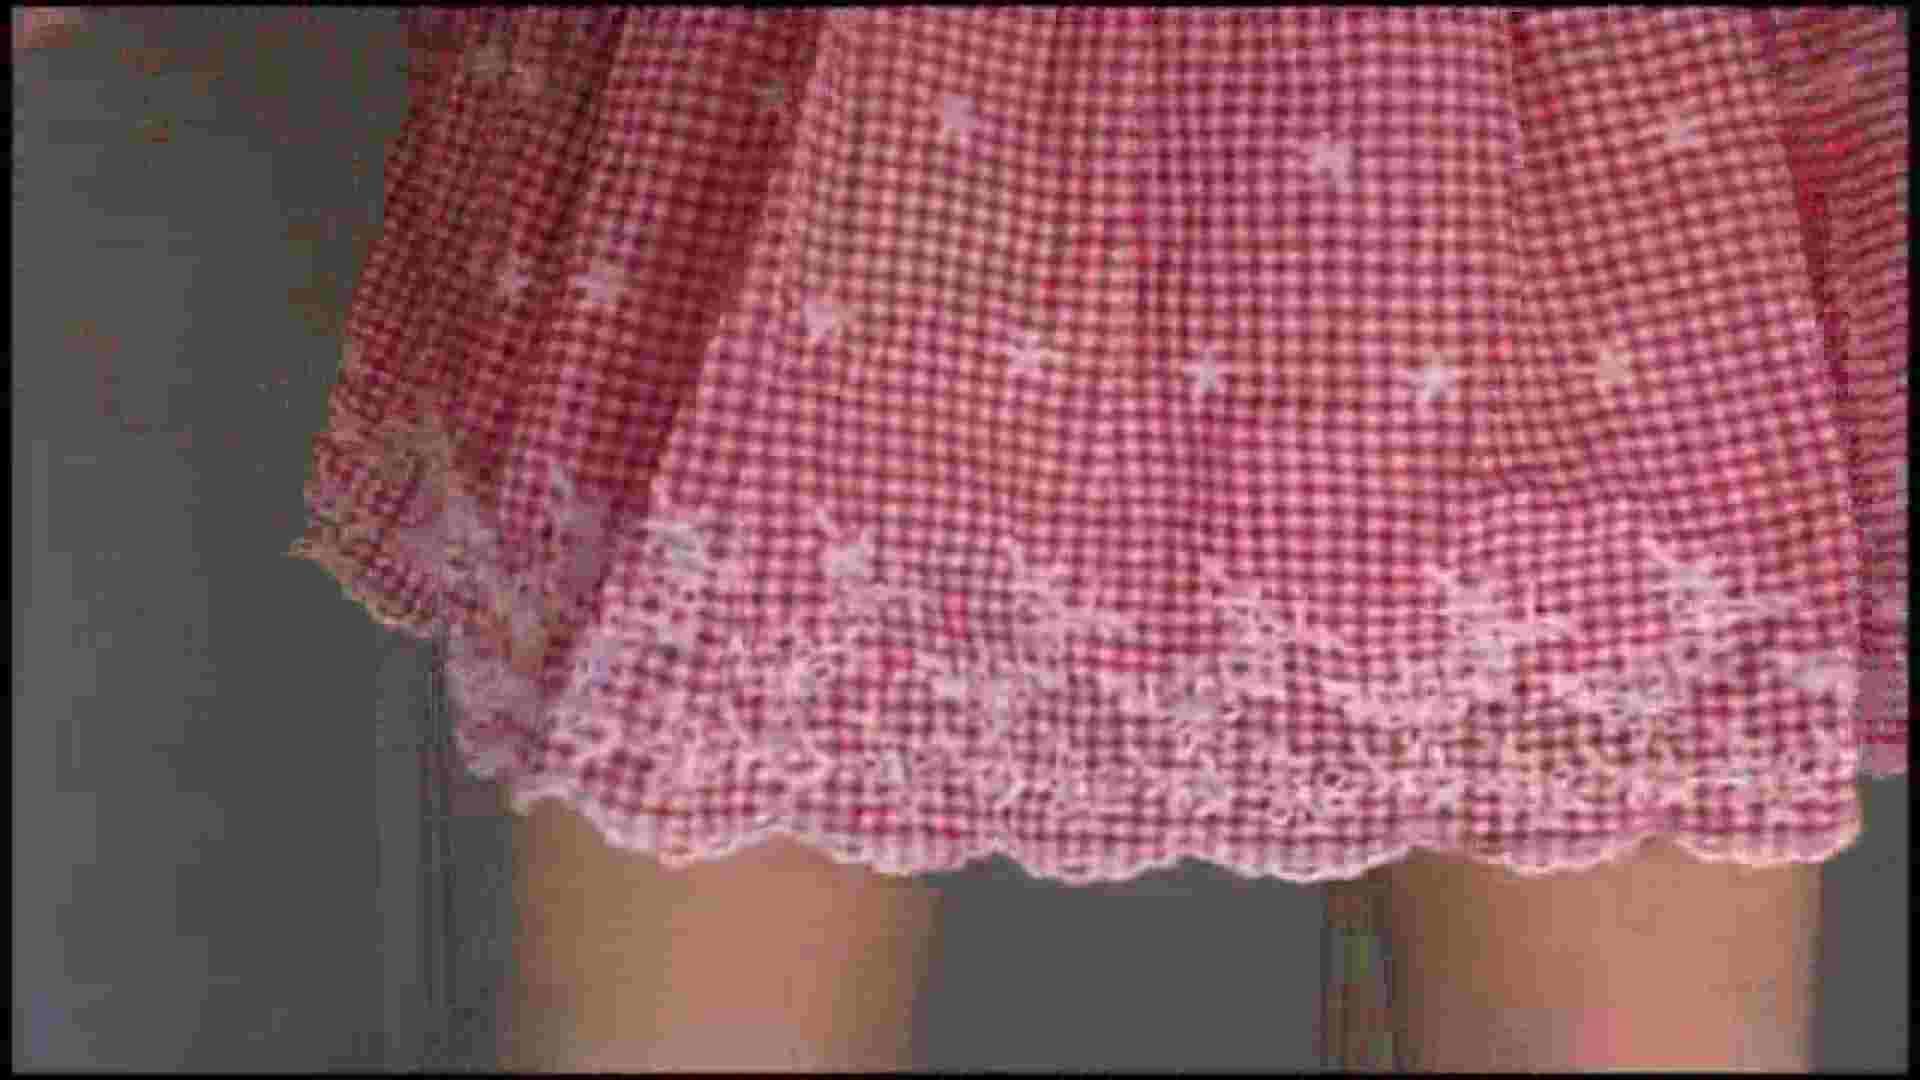 和式にまたがる女たちを待ちうけるカメラの衝撃映像vol.01 OLセックス 盗み撮りSEX無修正画像 89画像 62